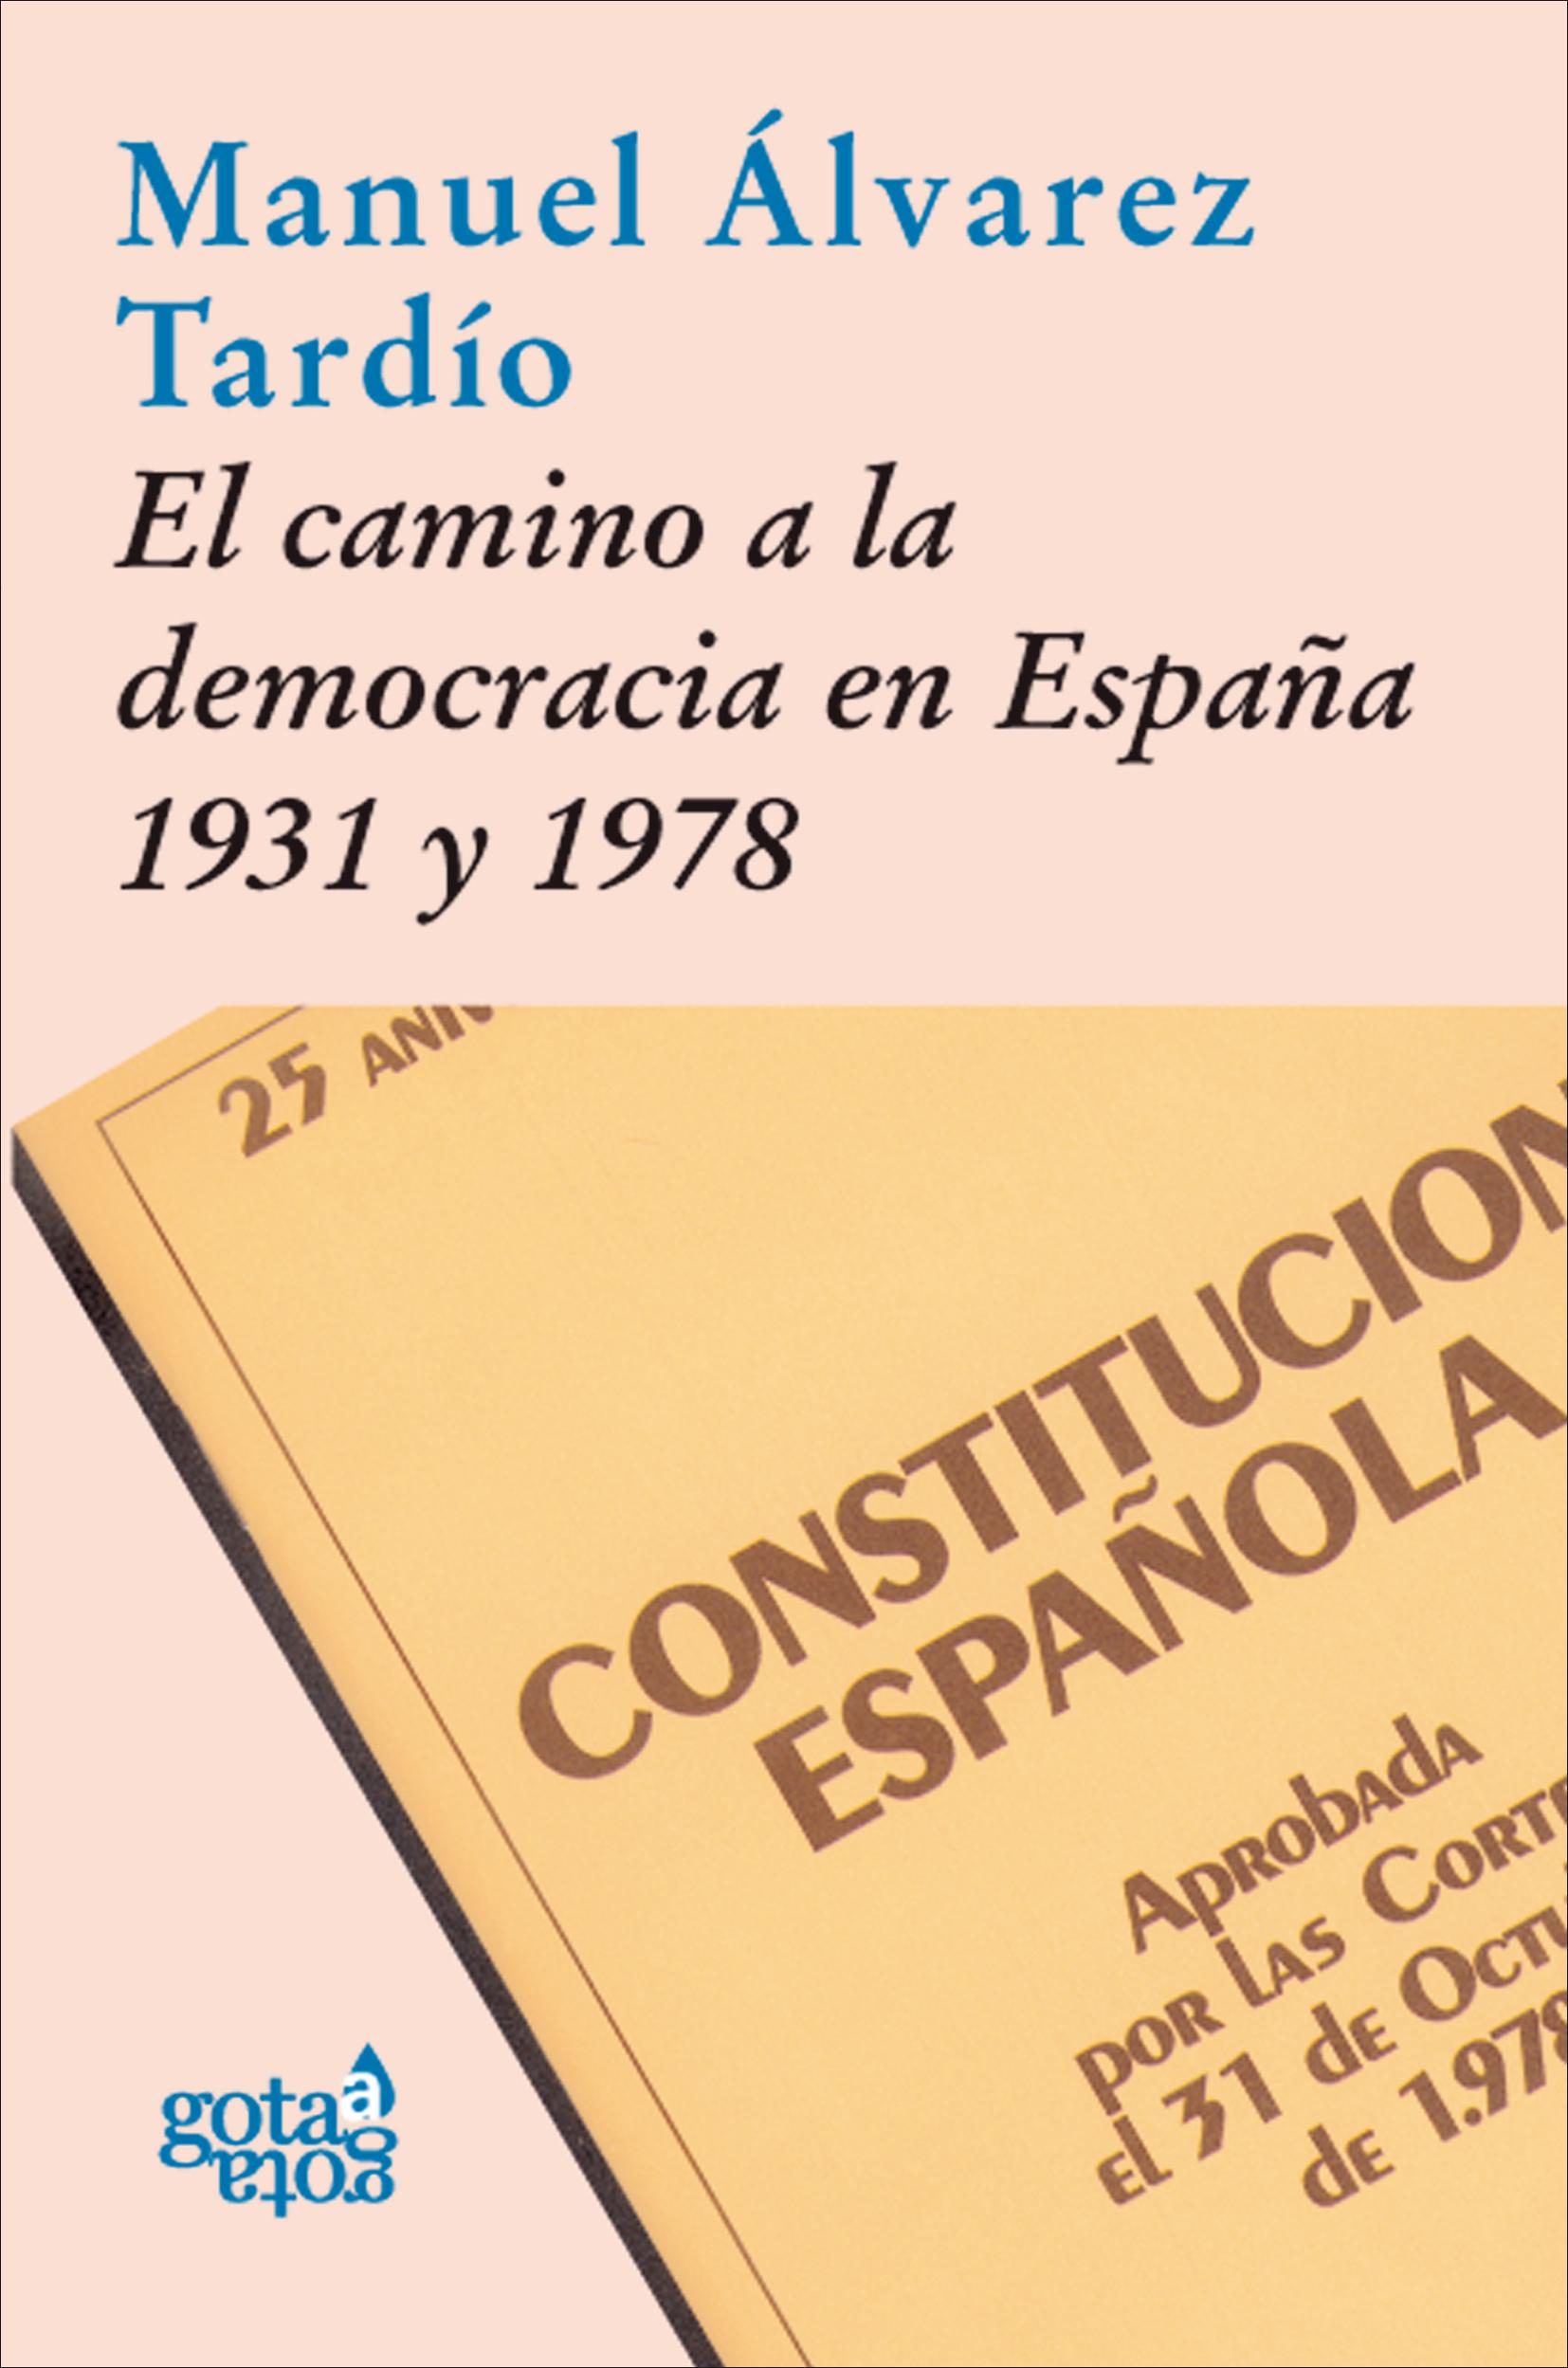 EL CAMINO A LA DEMOCRACIA EN ESPAÑA, 1931 Y 1978